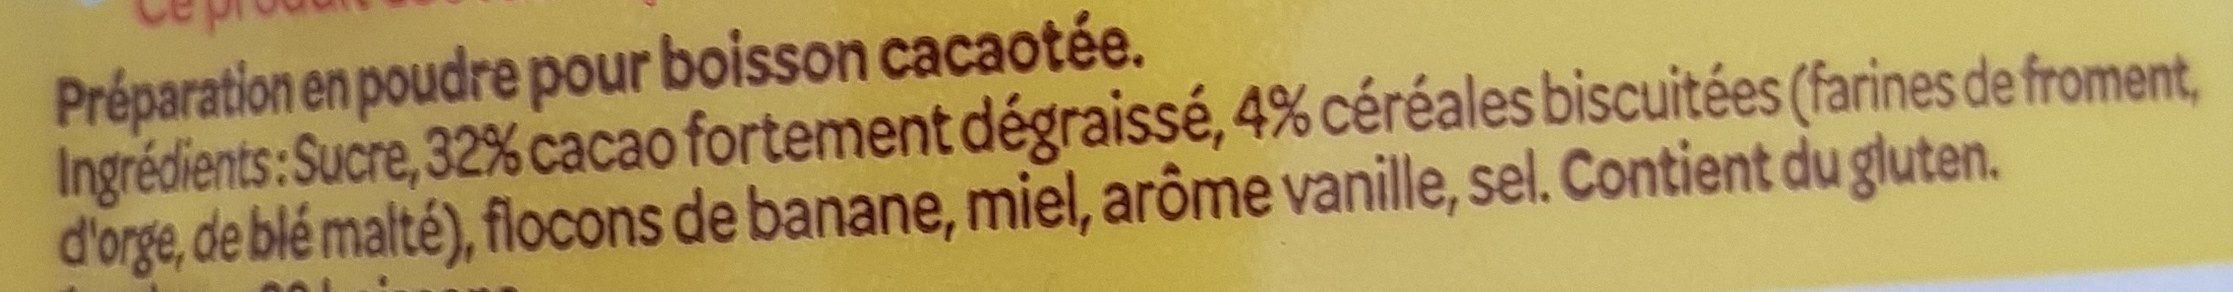 Banania Arome Intense - Ingrediënten - fr